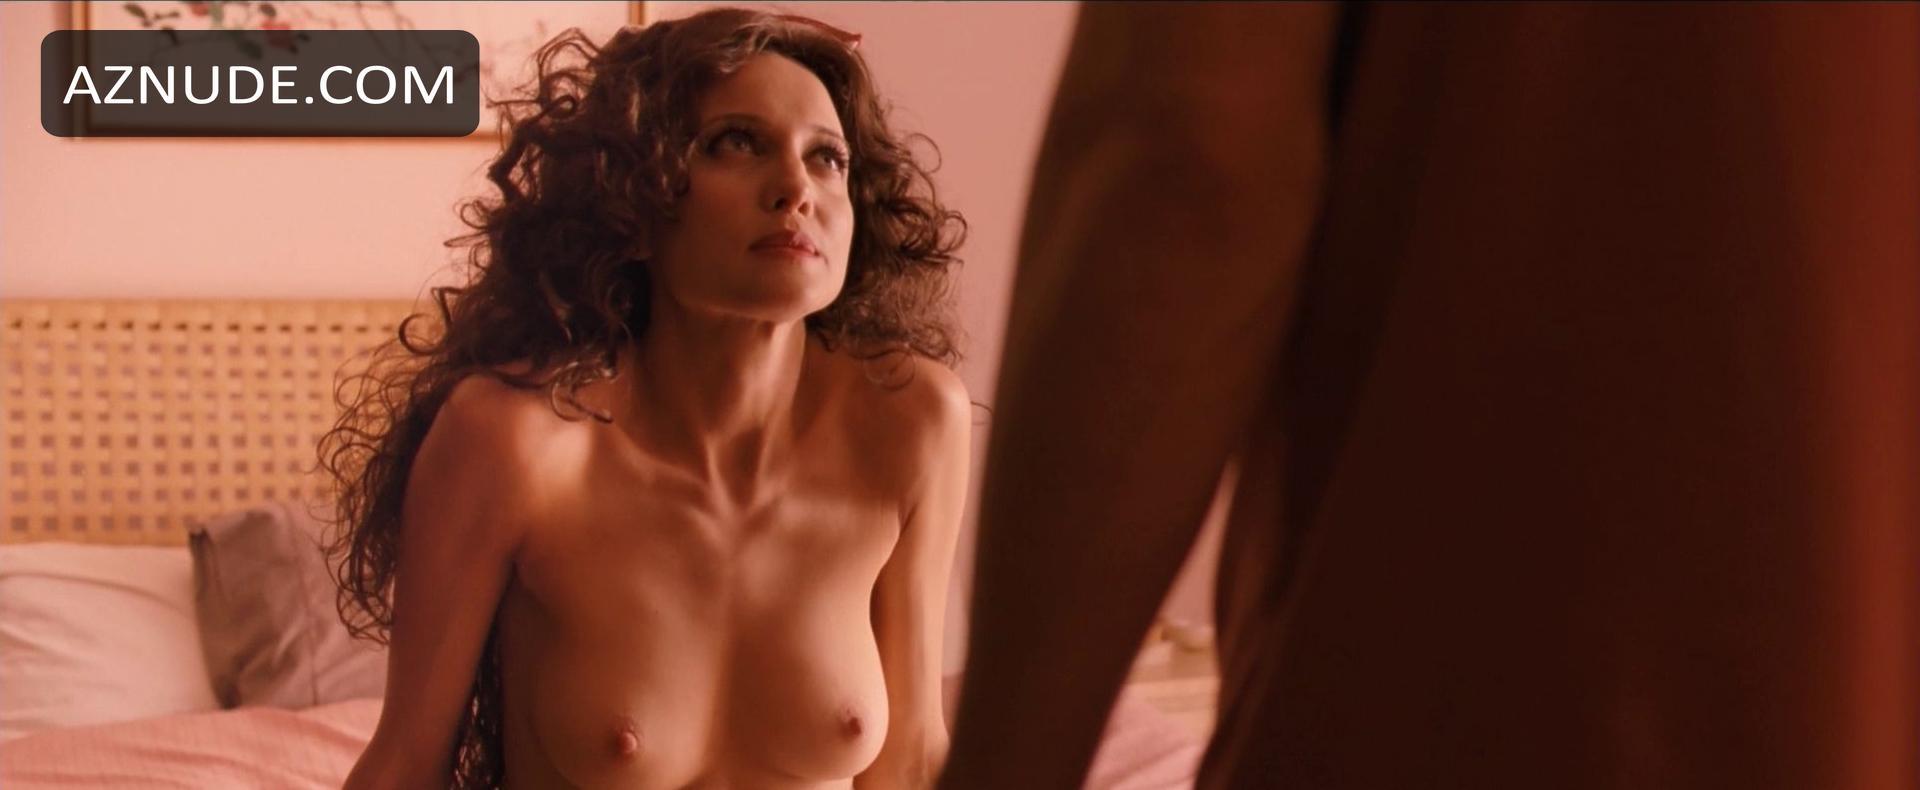 nude burning man movie